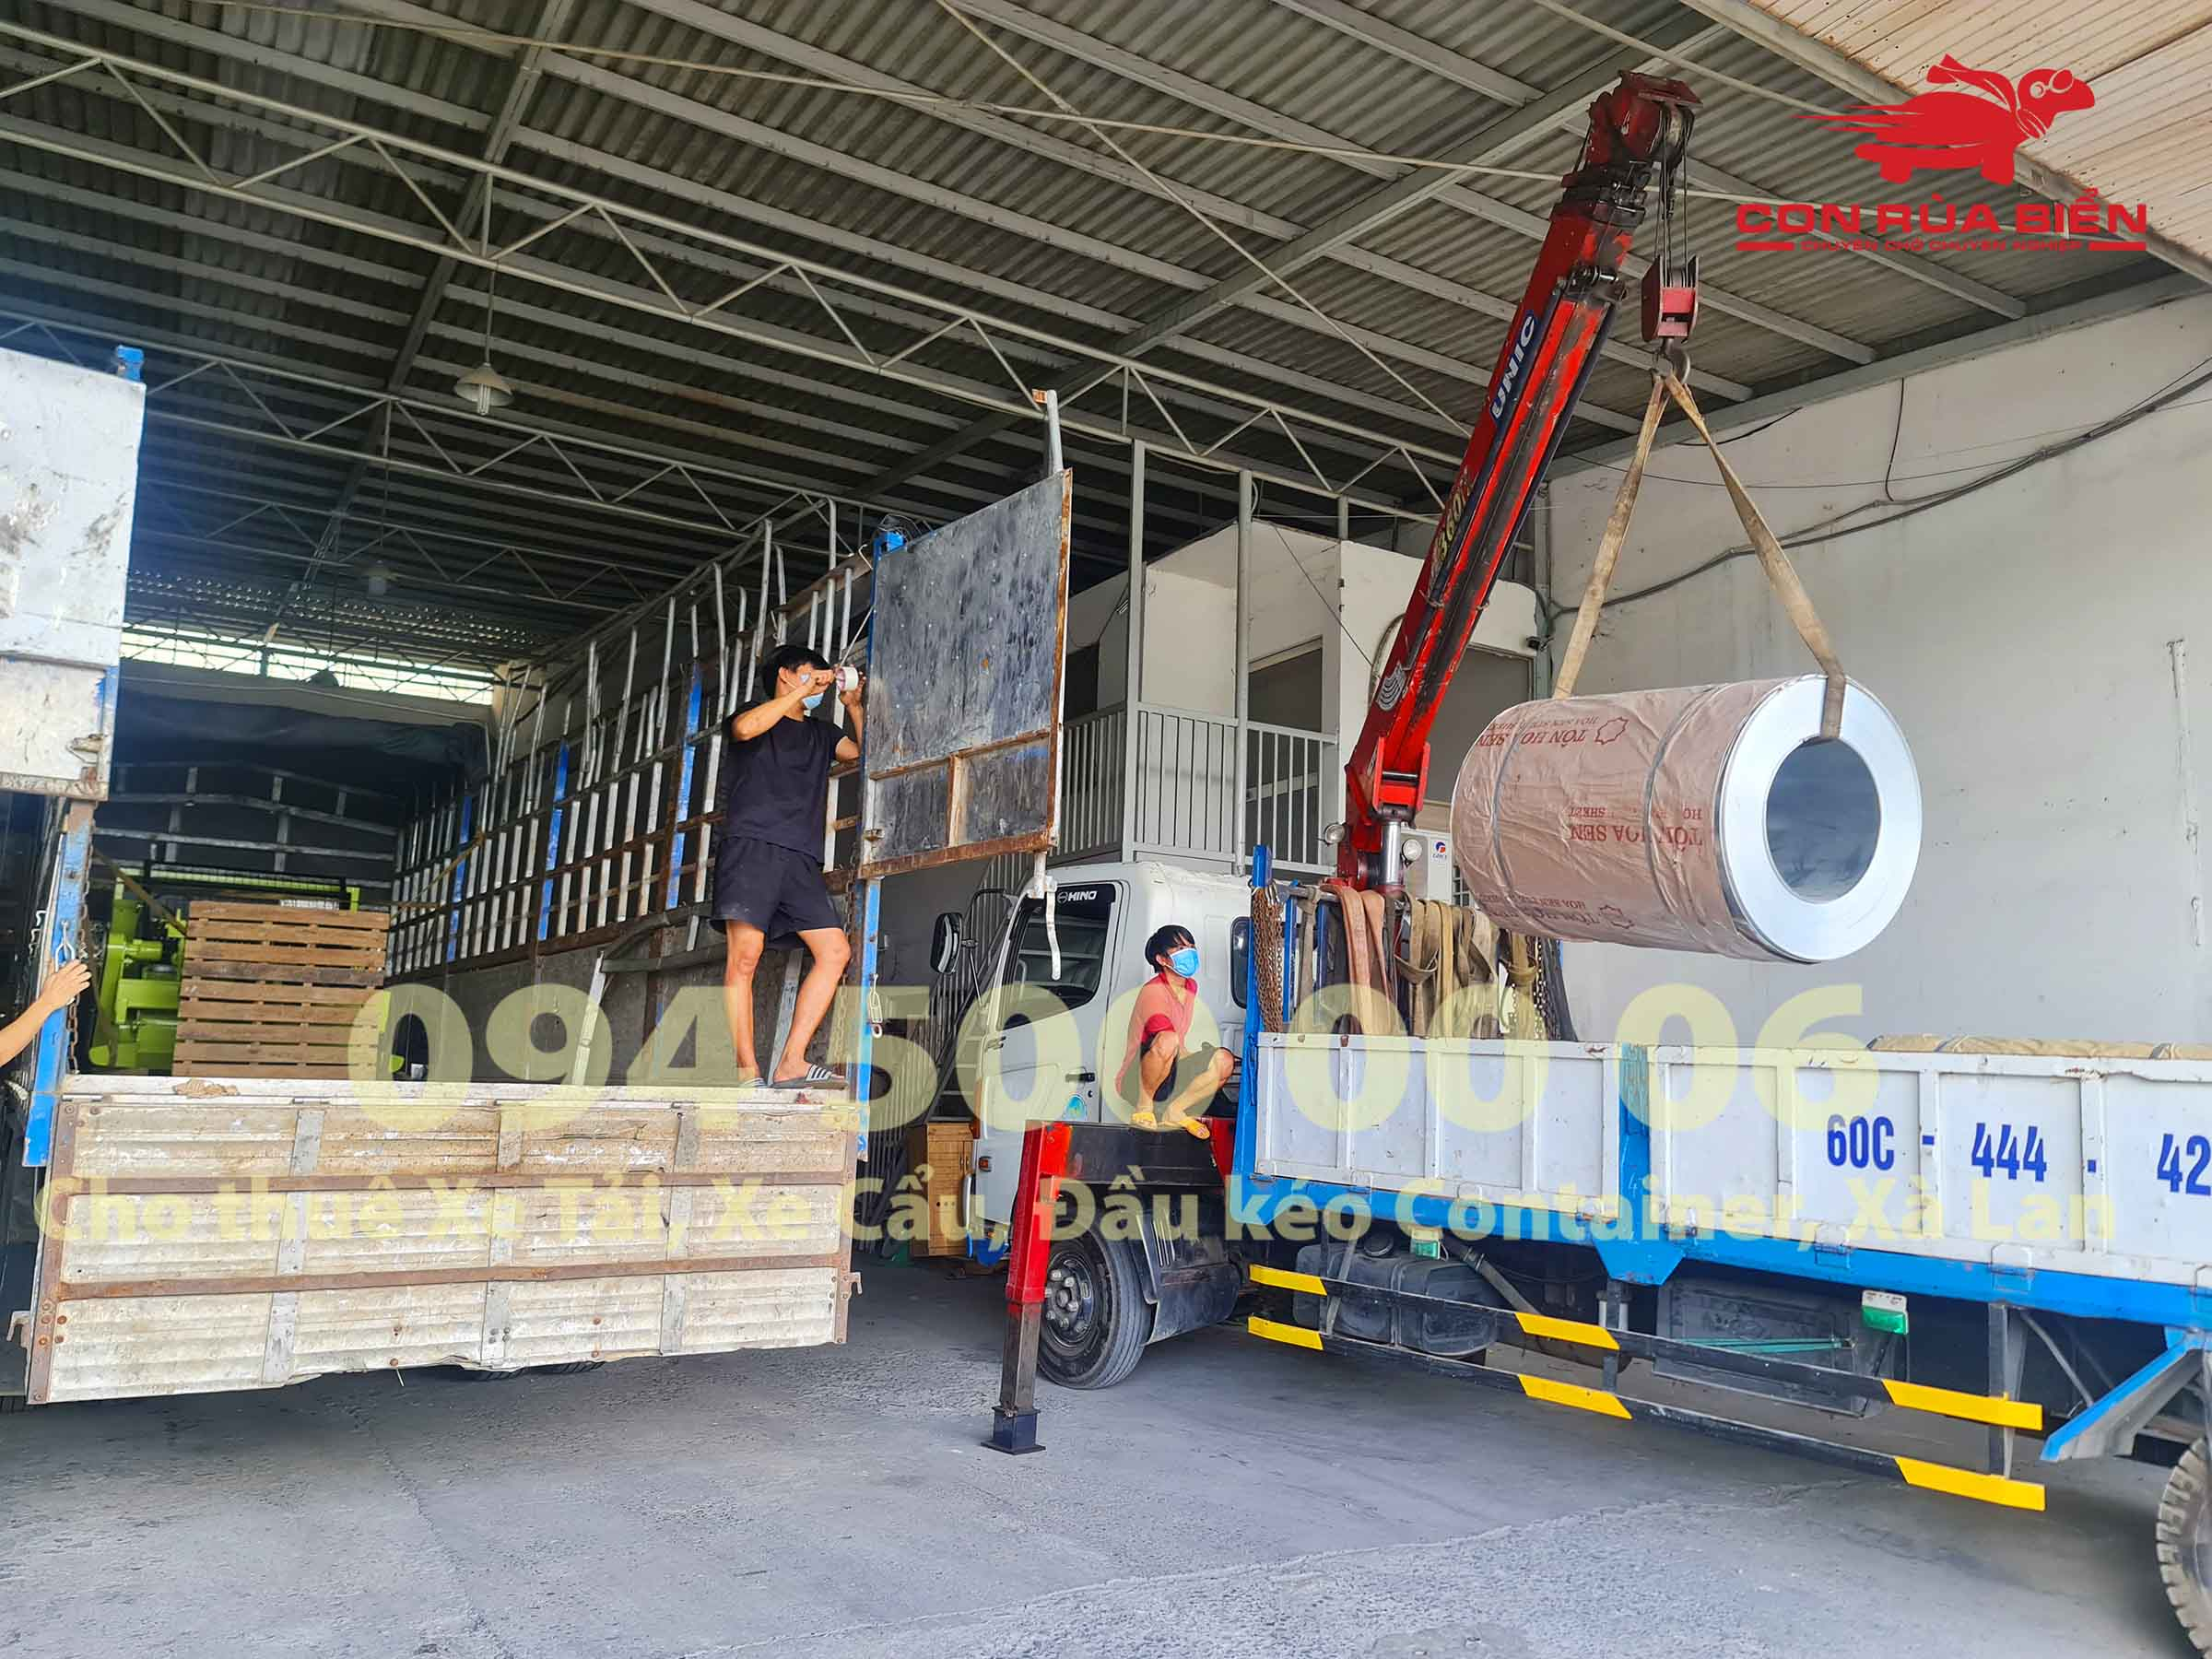 Chành xe đi Phú Quốc, Công ty Con Rùa Biển đang xếp hàng từ Kho HCM lên xe tải để vận chuyển hàng hóa đi Phú Quốc